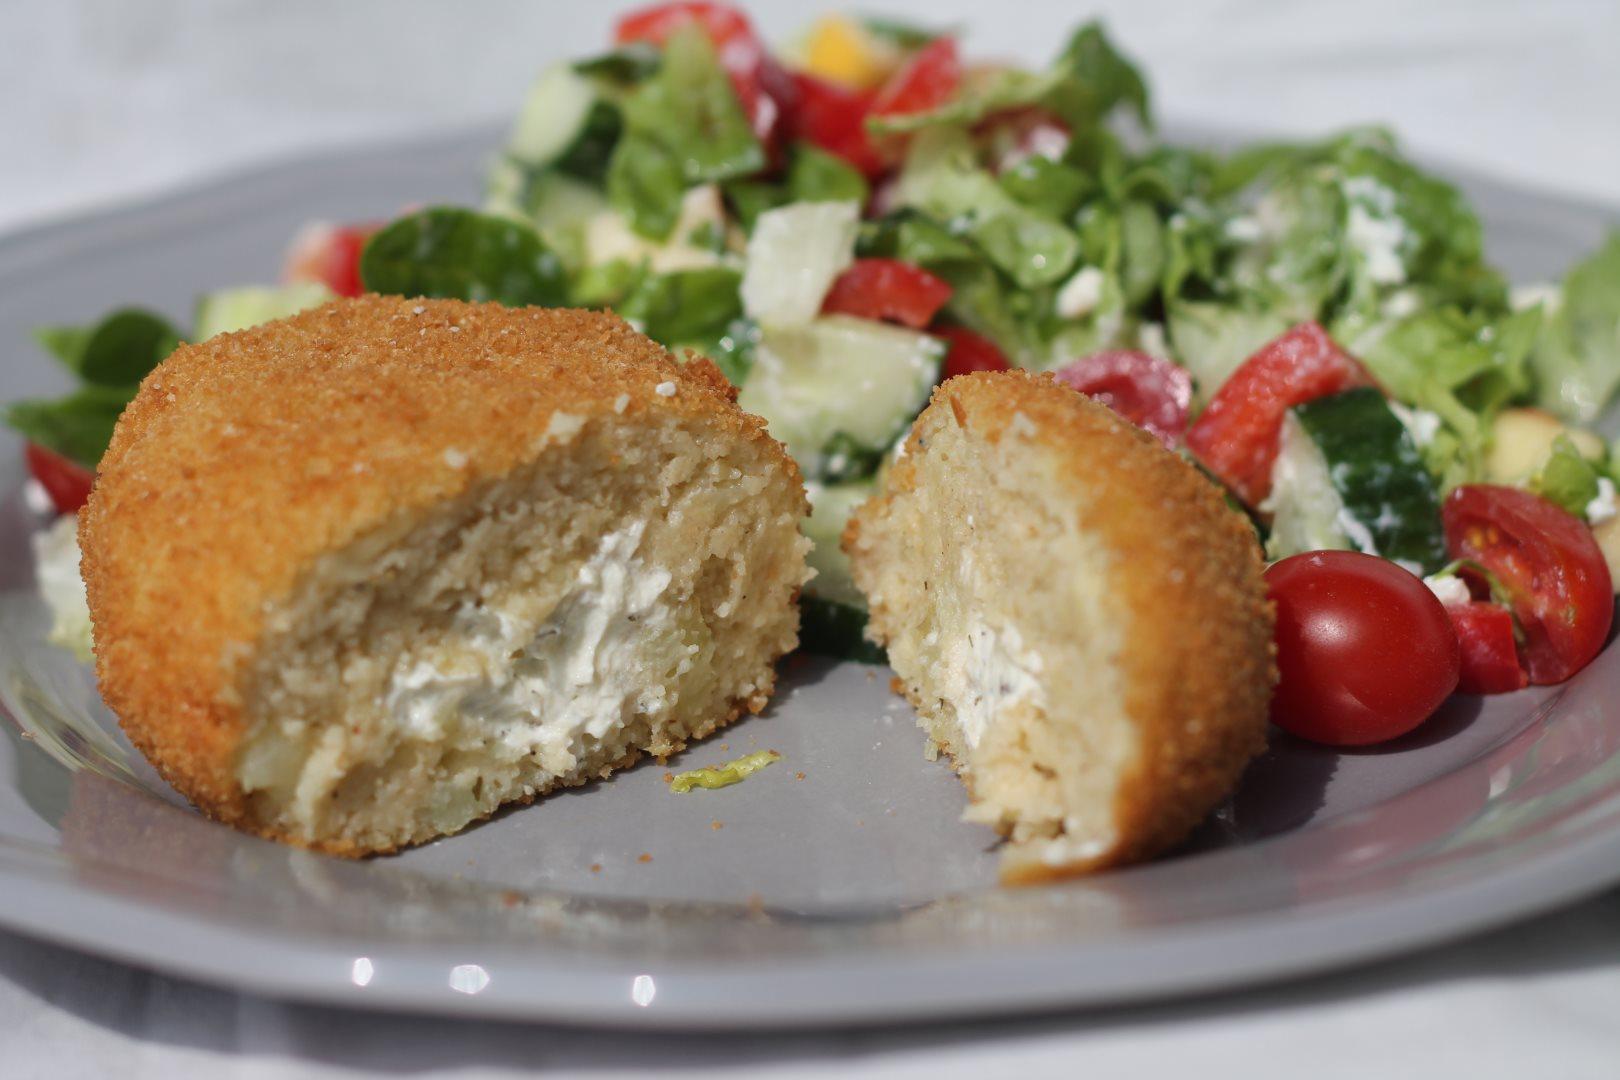 Kartoffel-Frischkäse-Ecken